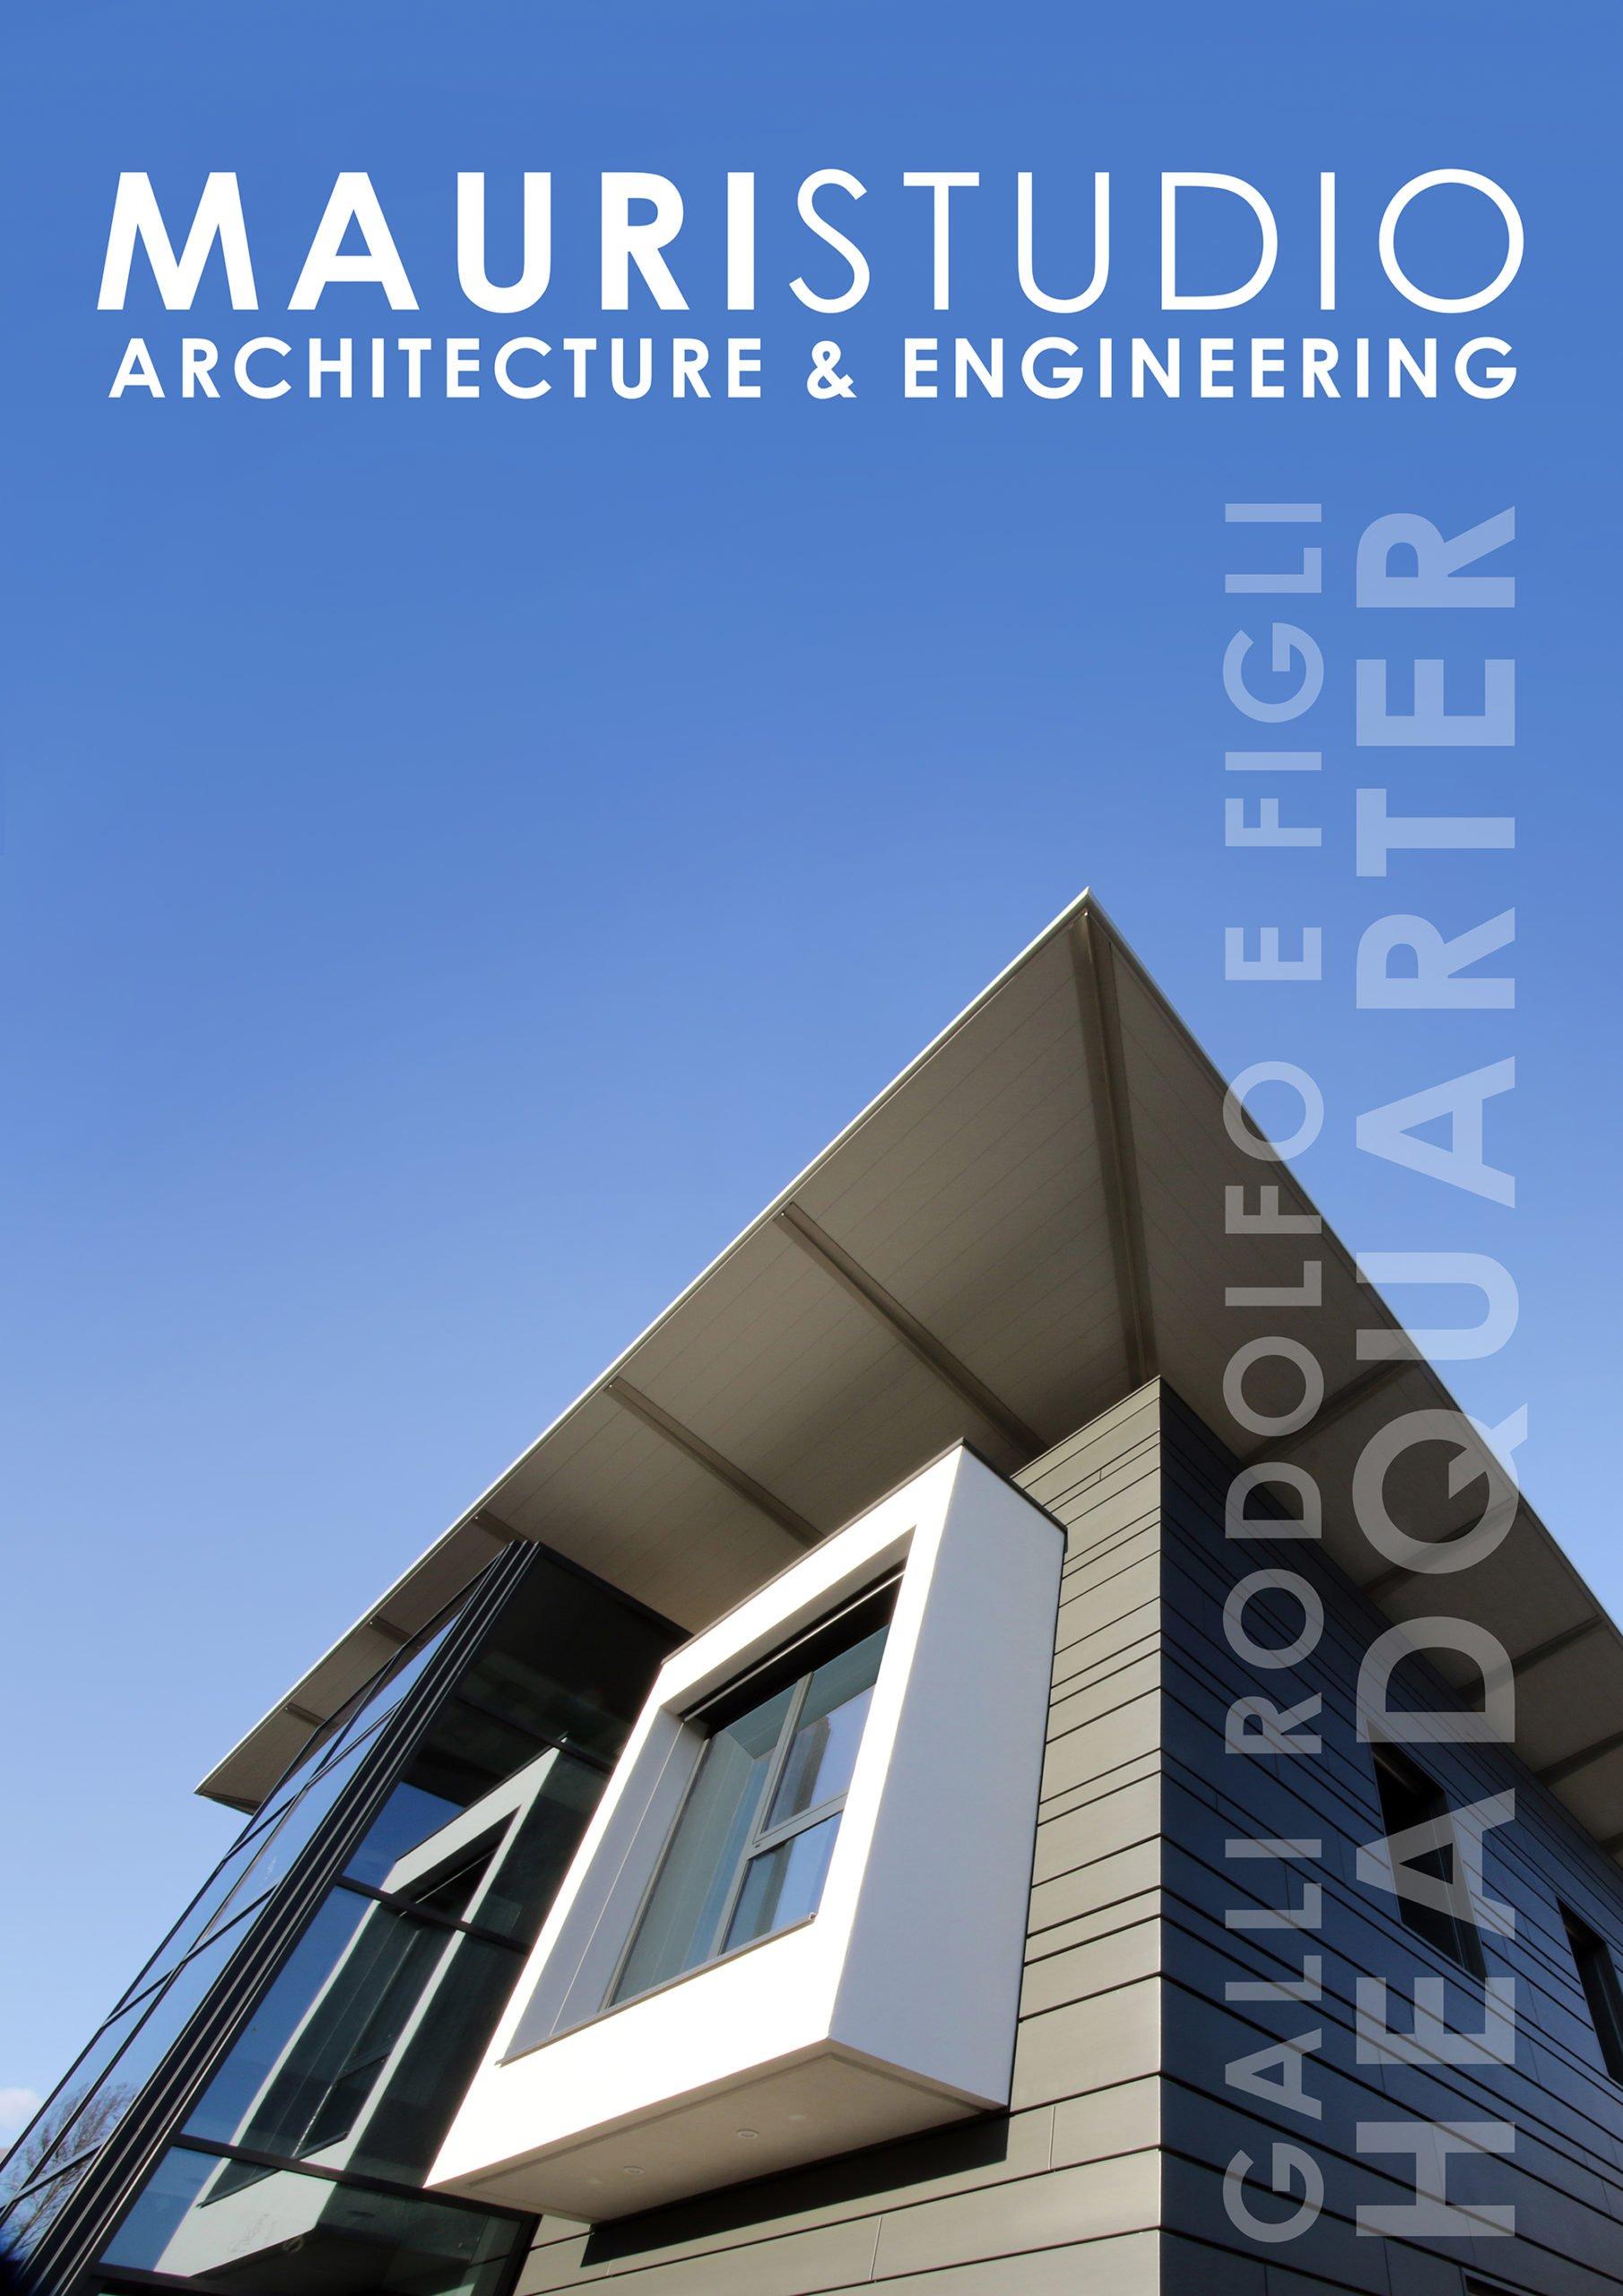 MAURISTUDIO-umberto-mauri-mauri-studio-bosisio-parini-New-Office-Building-Bosisio-Parini-Lecco-work-in-progress-Ventilated-Facade_final_00_2000